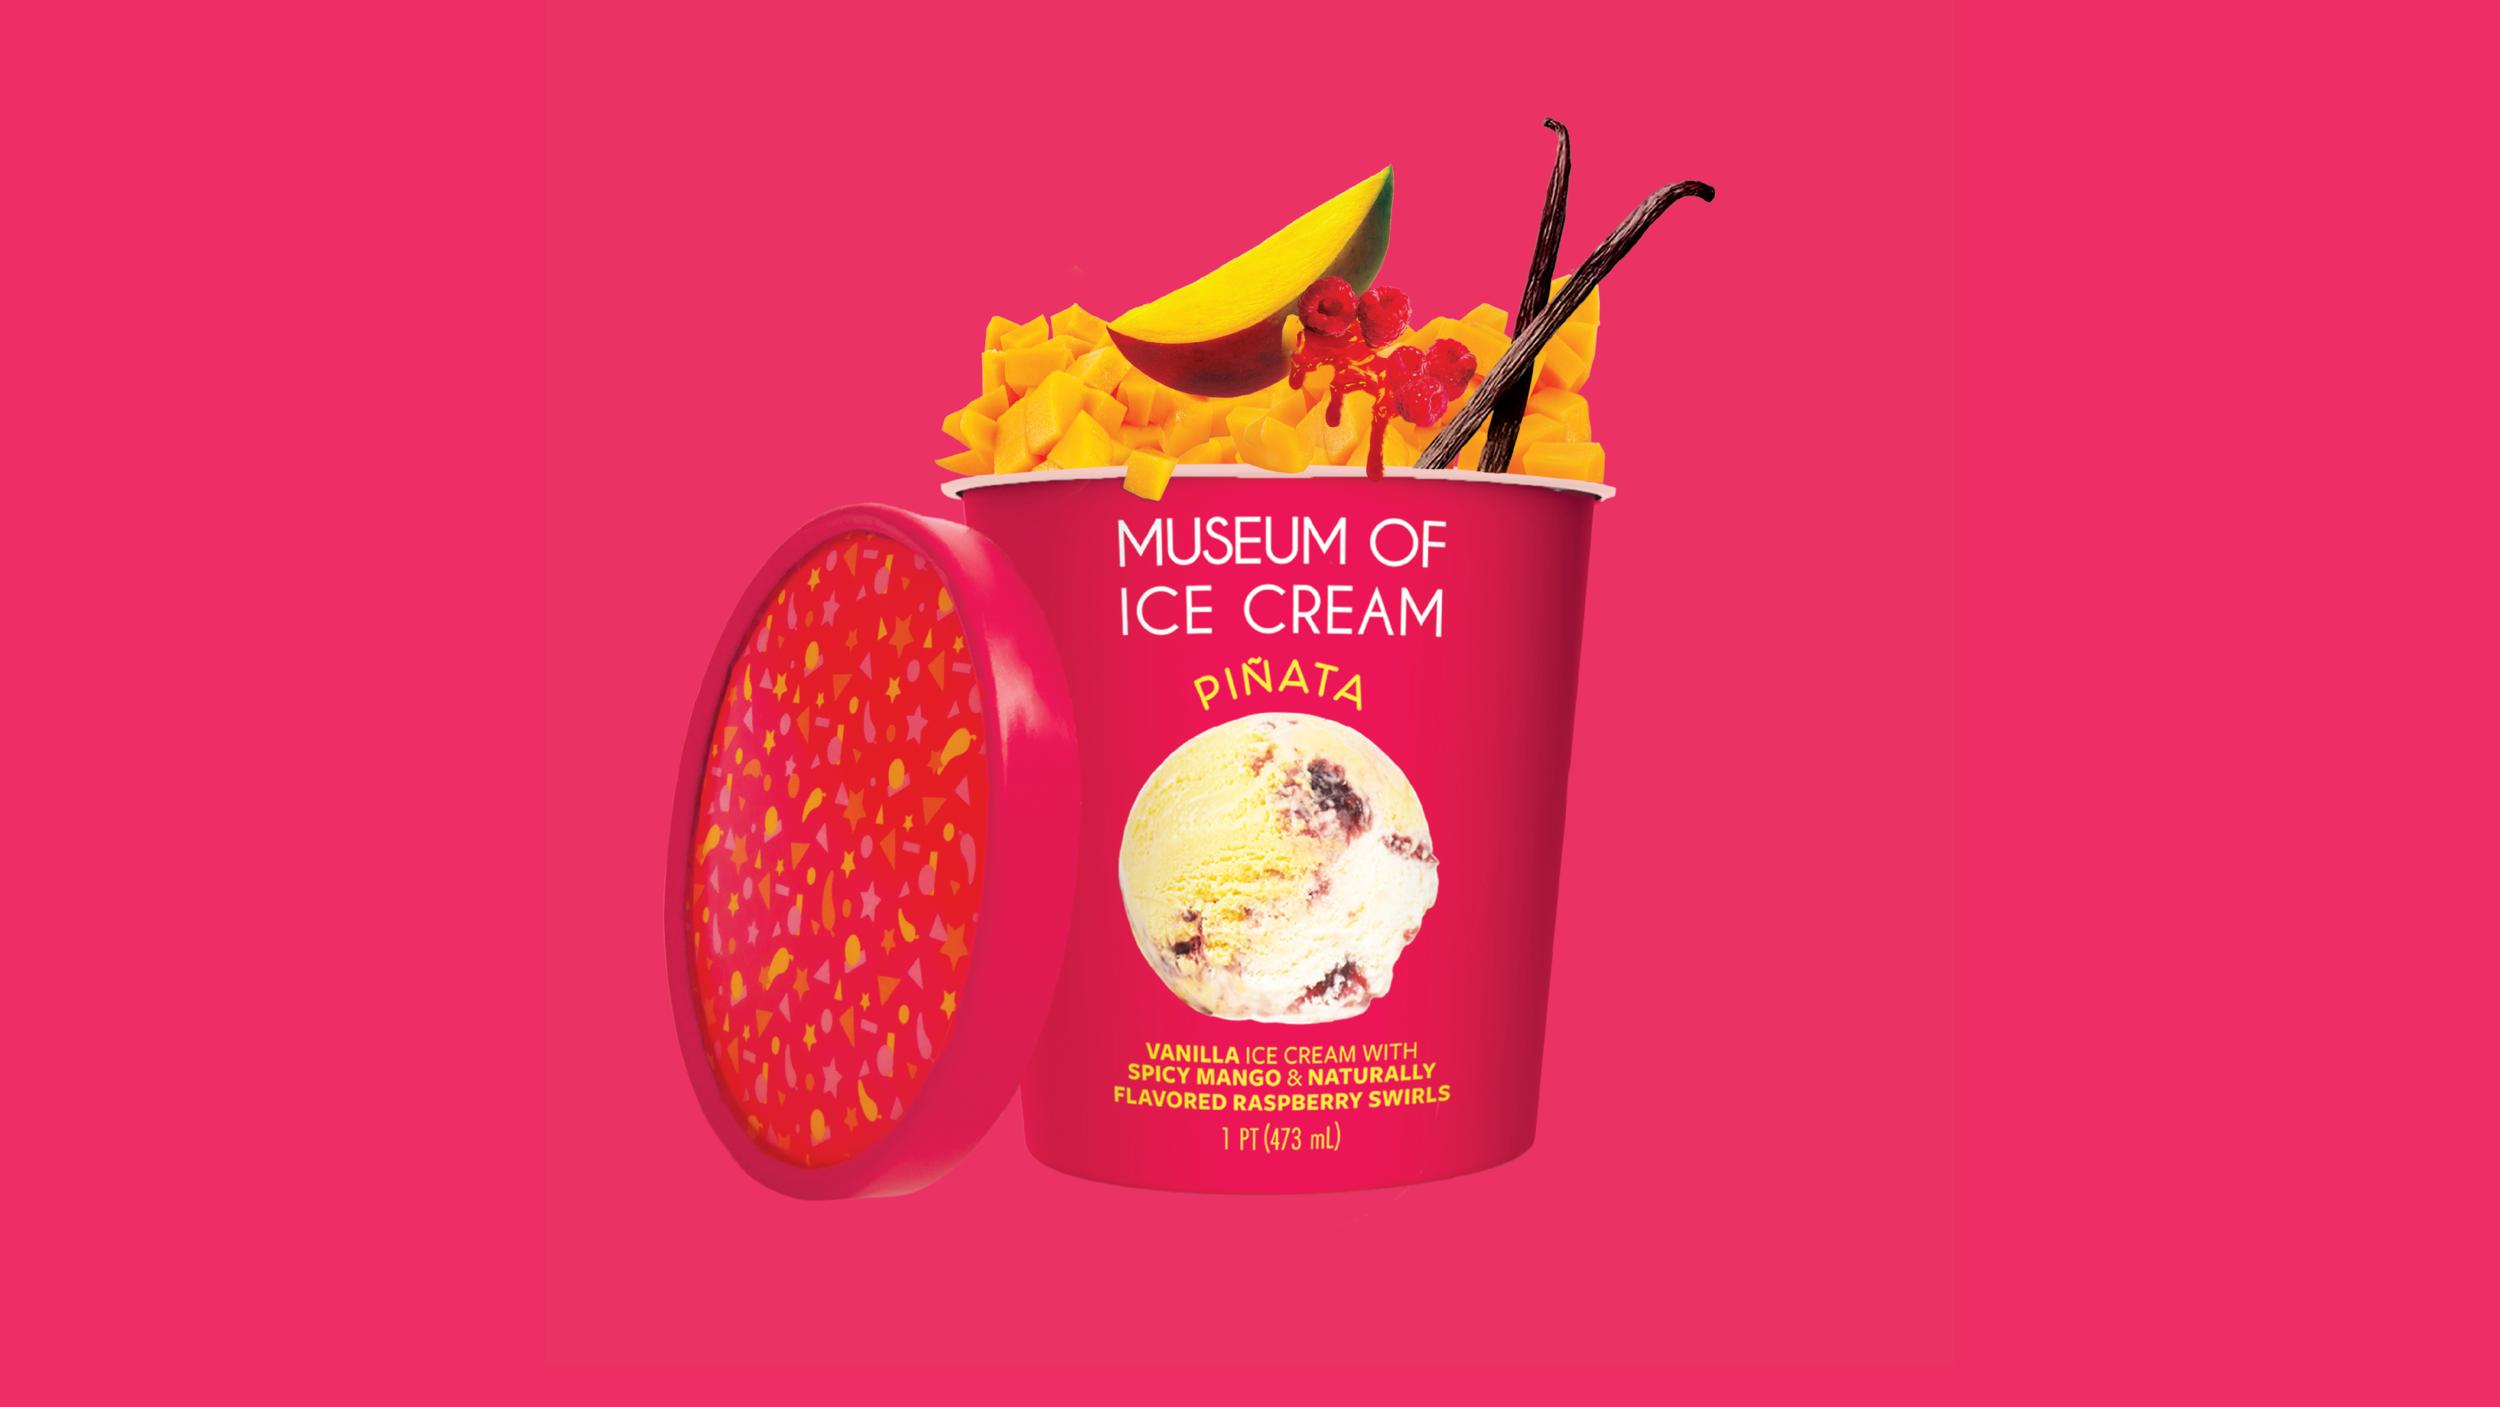 Museum-of-ice-cream_ice-cream_pinata-pinata.png